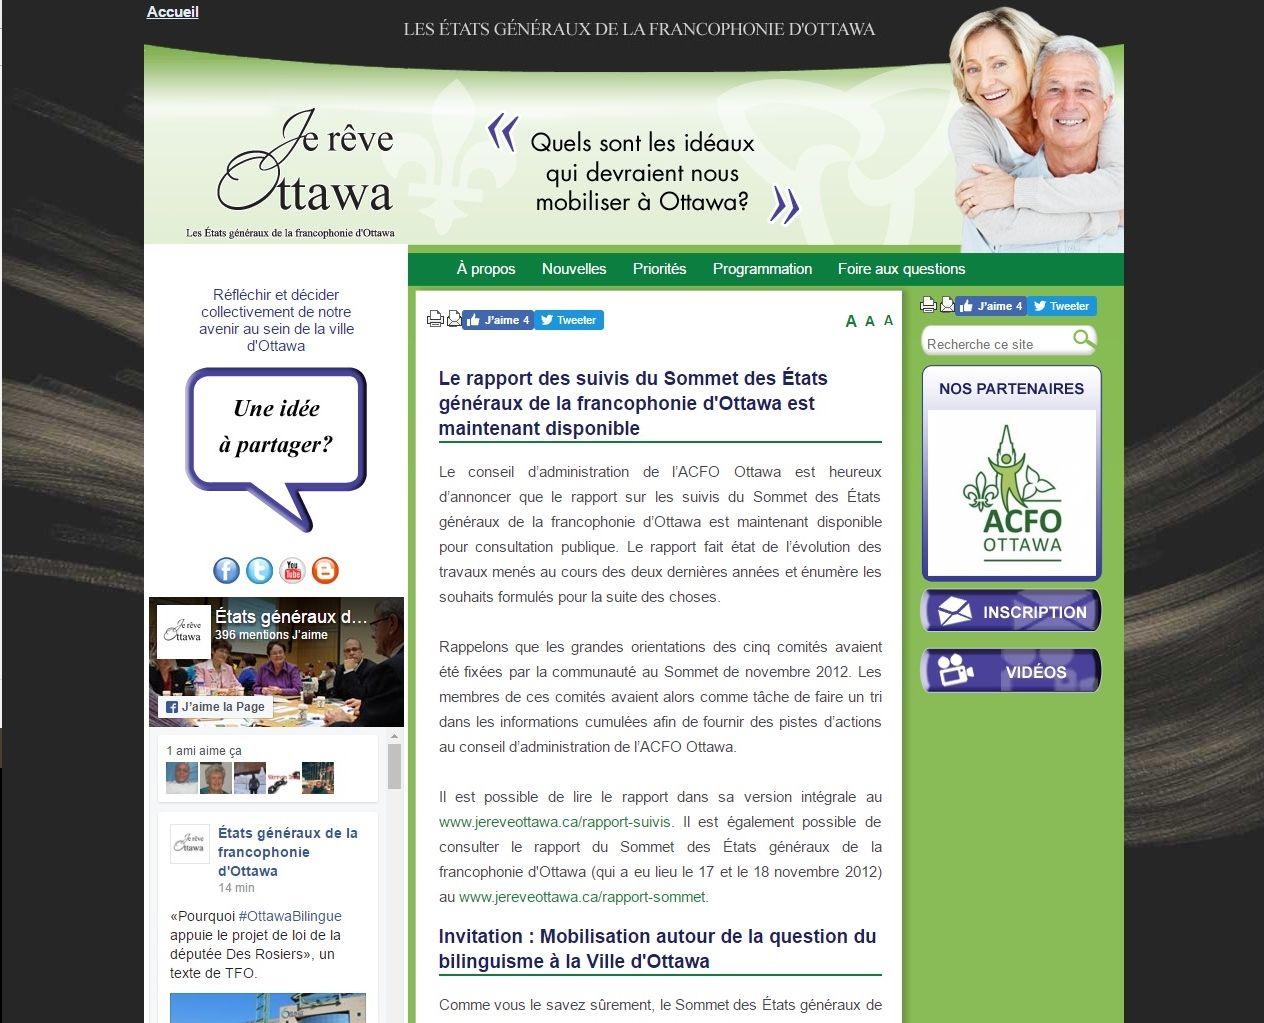 Capture d'une page Web. Page principale d'un site, incluant onglets pour la navigation, informations diverses, photos, outil de recherche et module de rétroaction. Disposition en trois colonnes, sur fond vert, sous une entête reprenant le slogan « Je rêve Ottawa ».